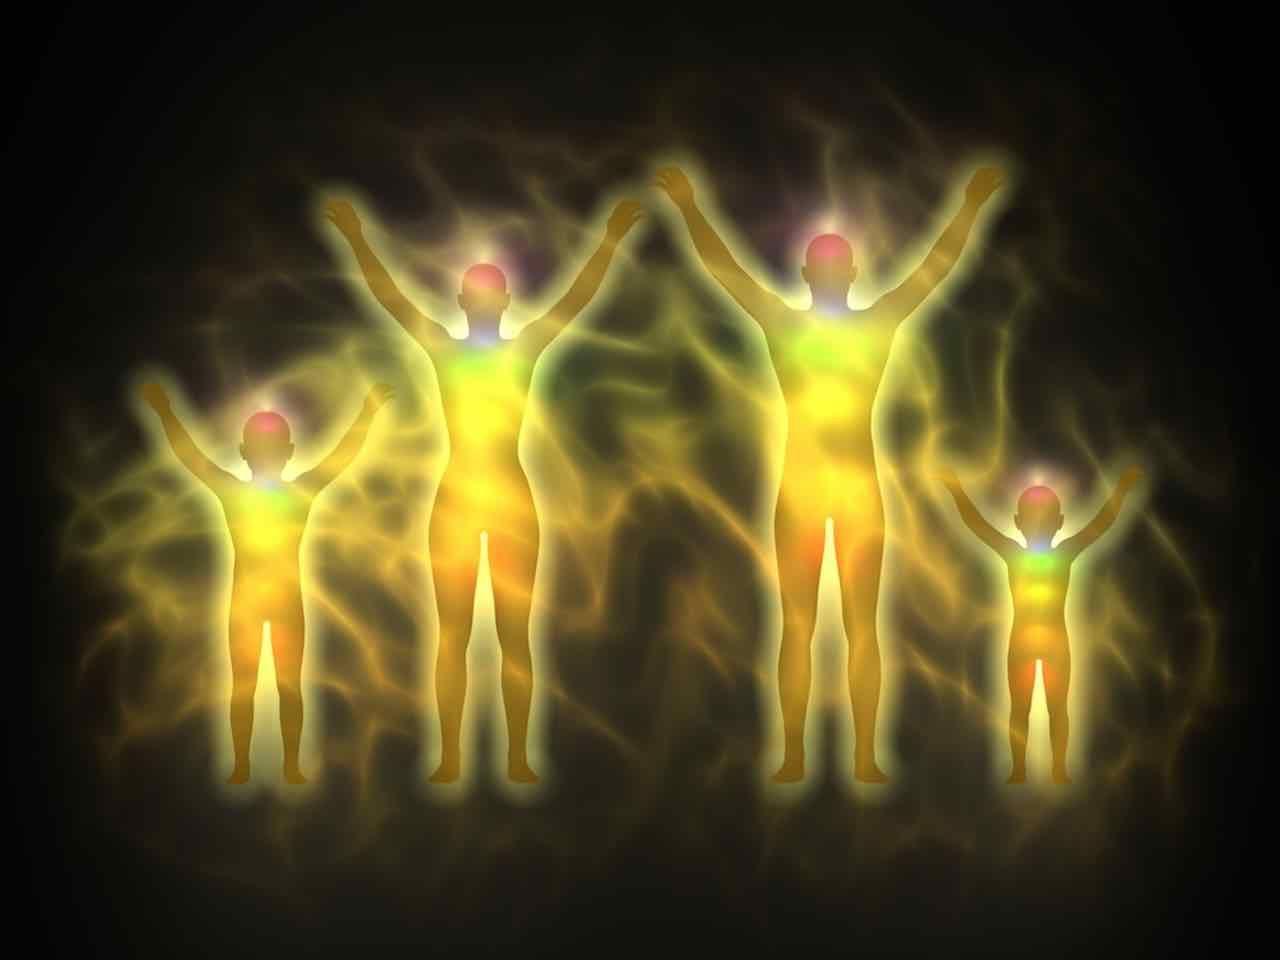 élever sa fréquence vibratoire